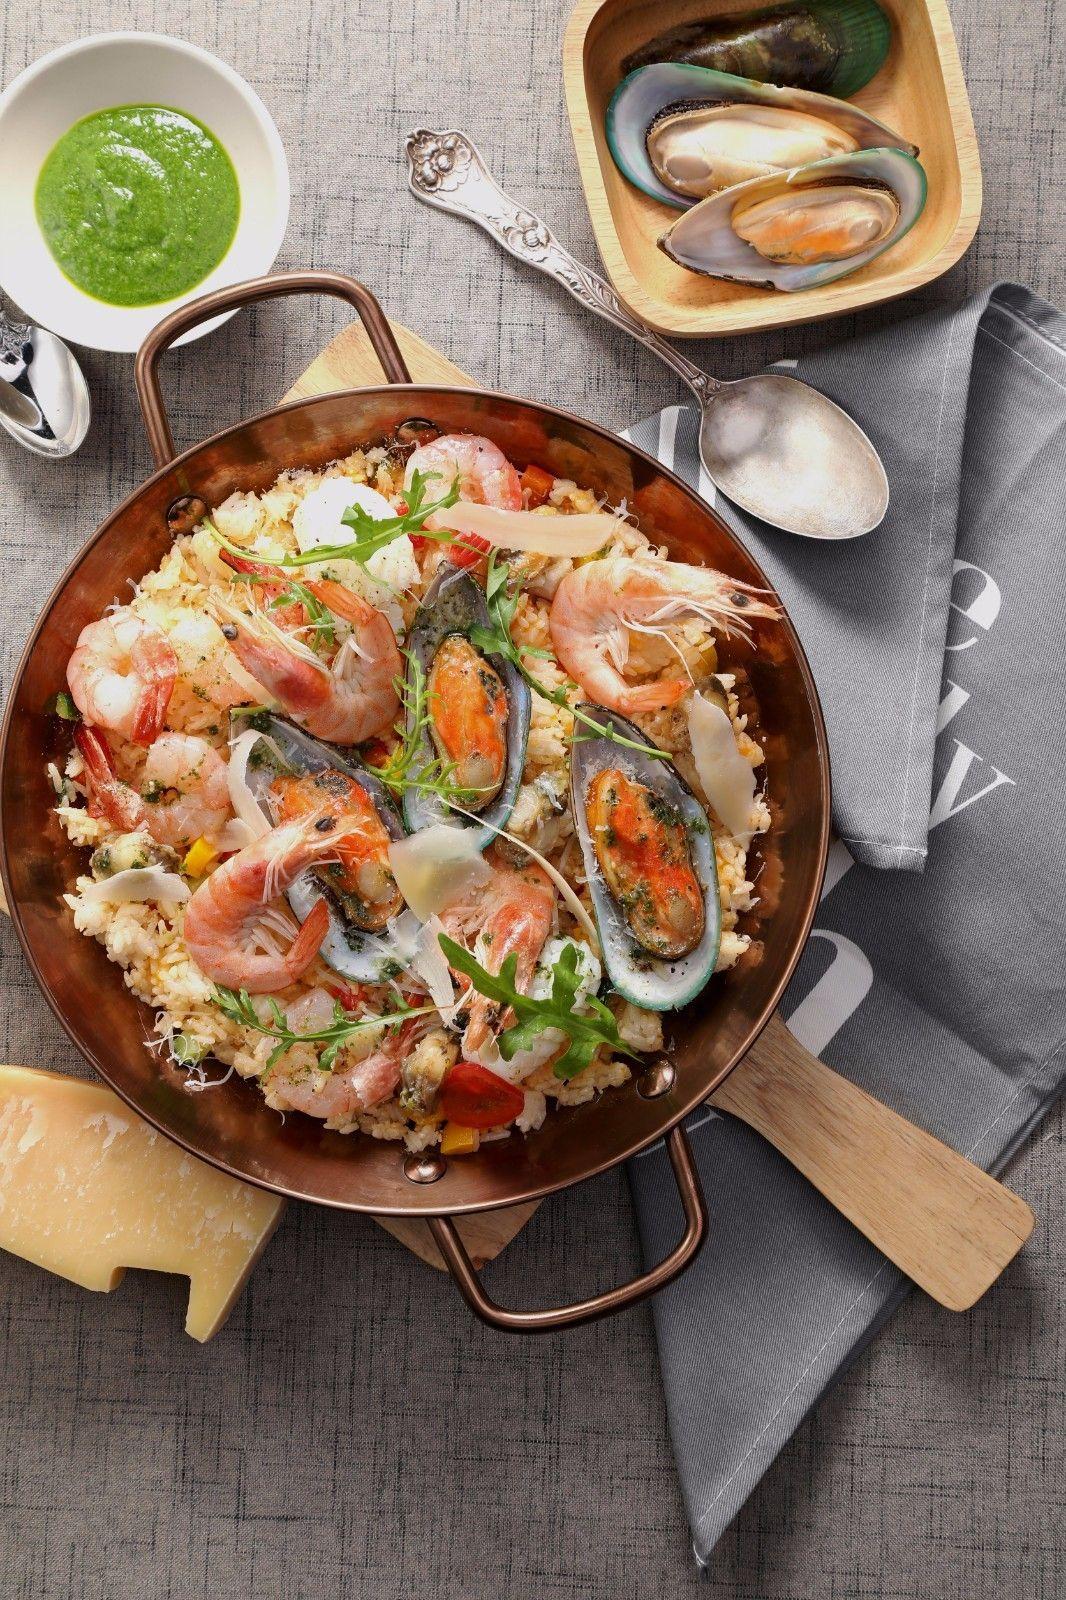 西堤厚牛排丨全新菜品六一上线,西堤夏日更多选择!